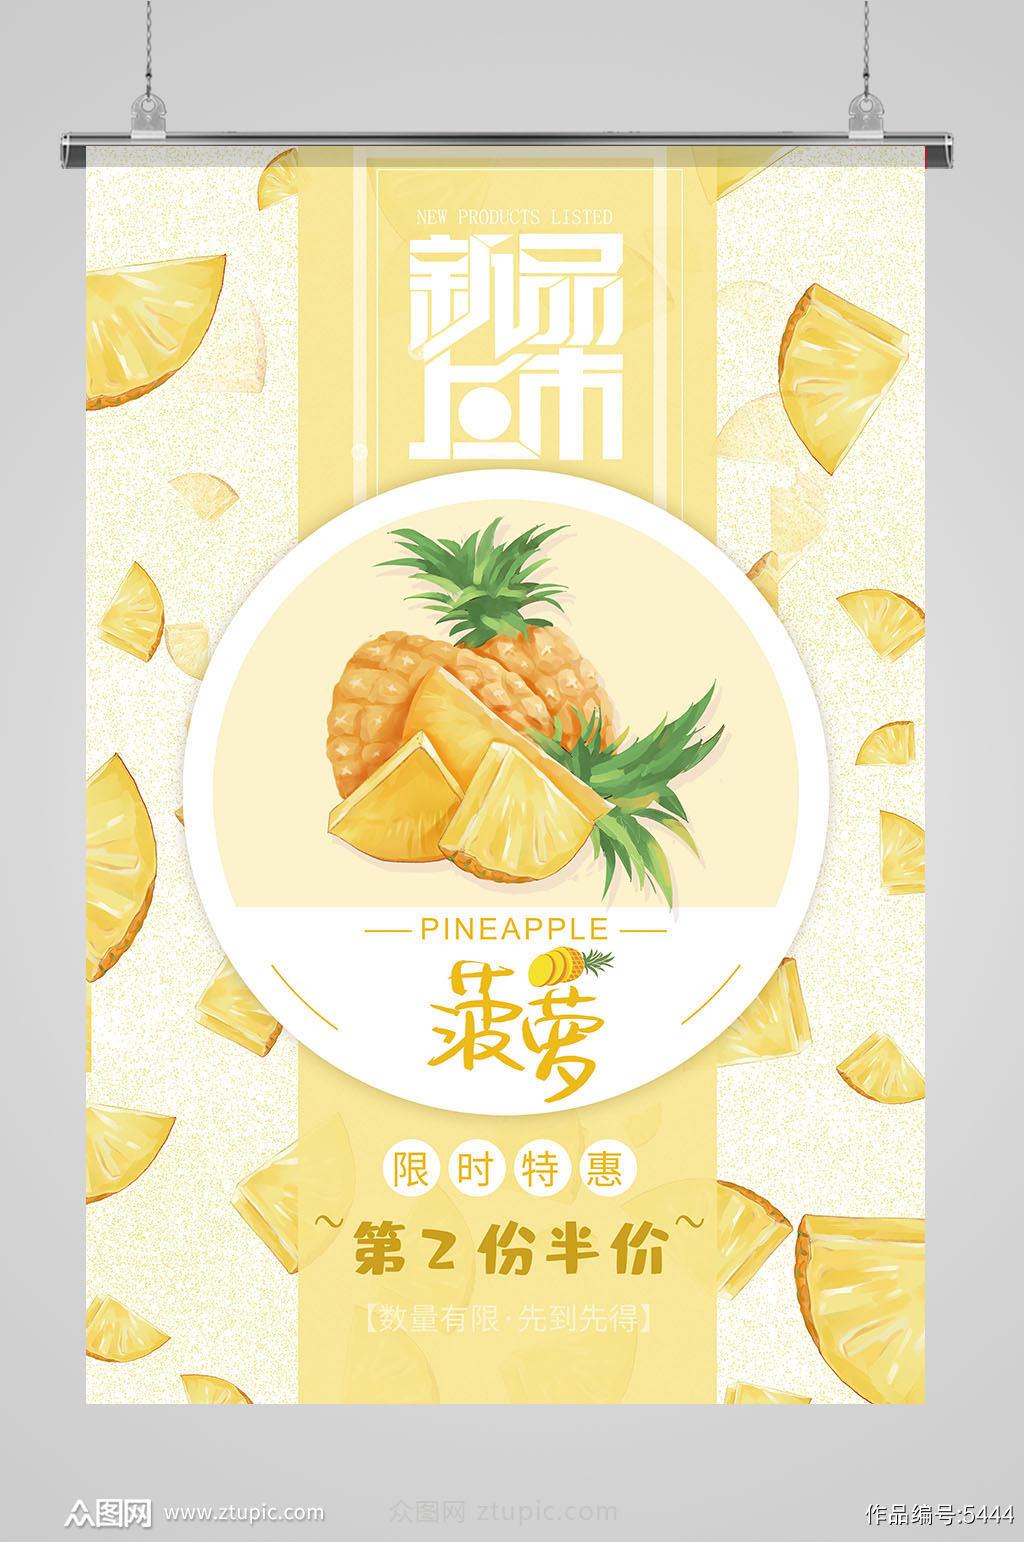 水果店菠萝海报设计素材